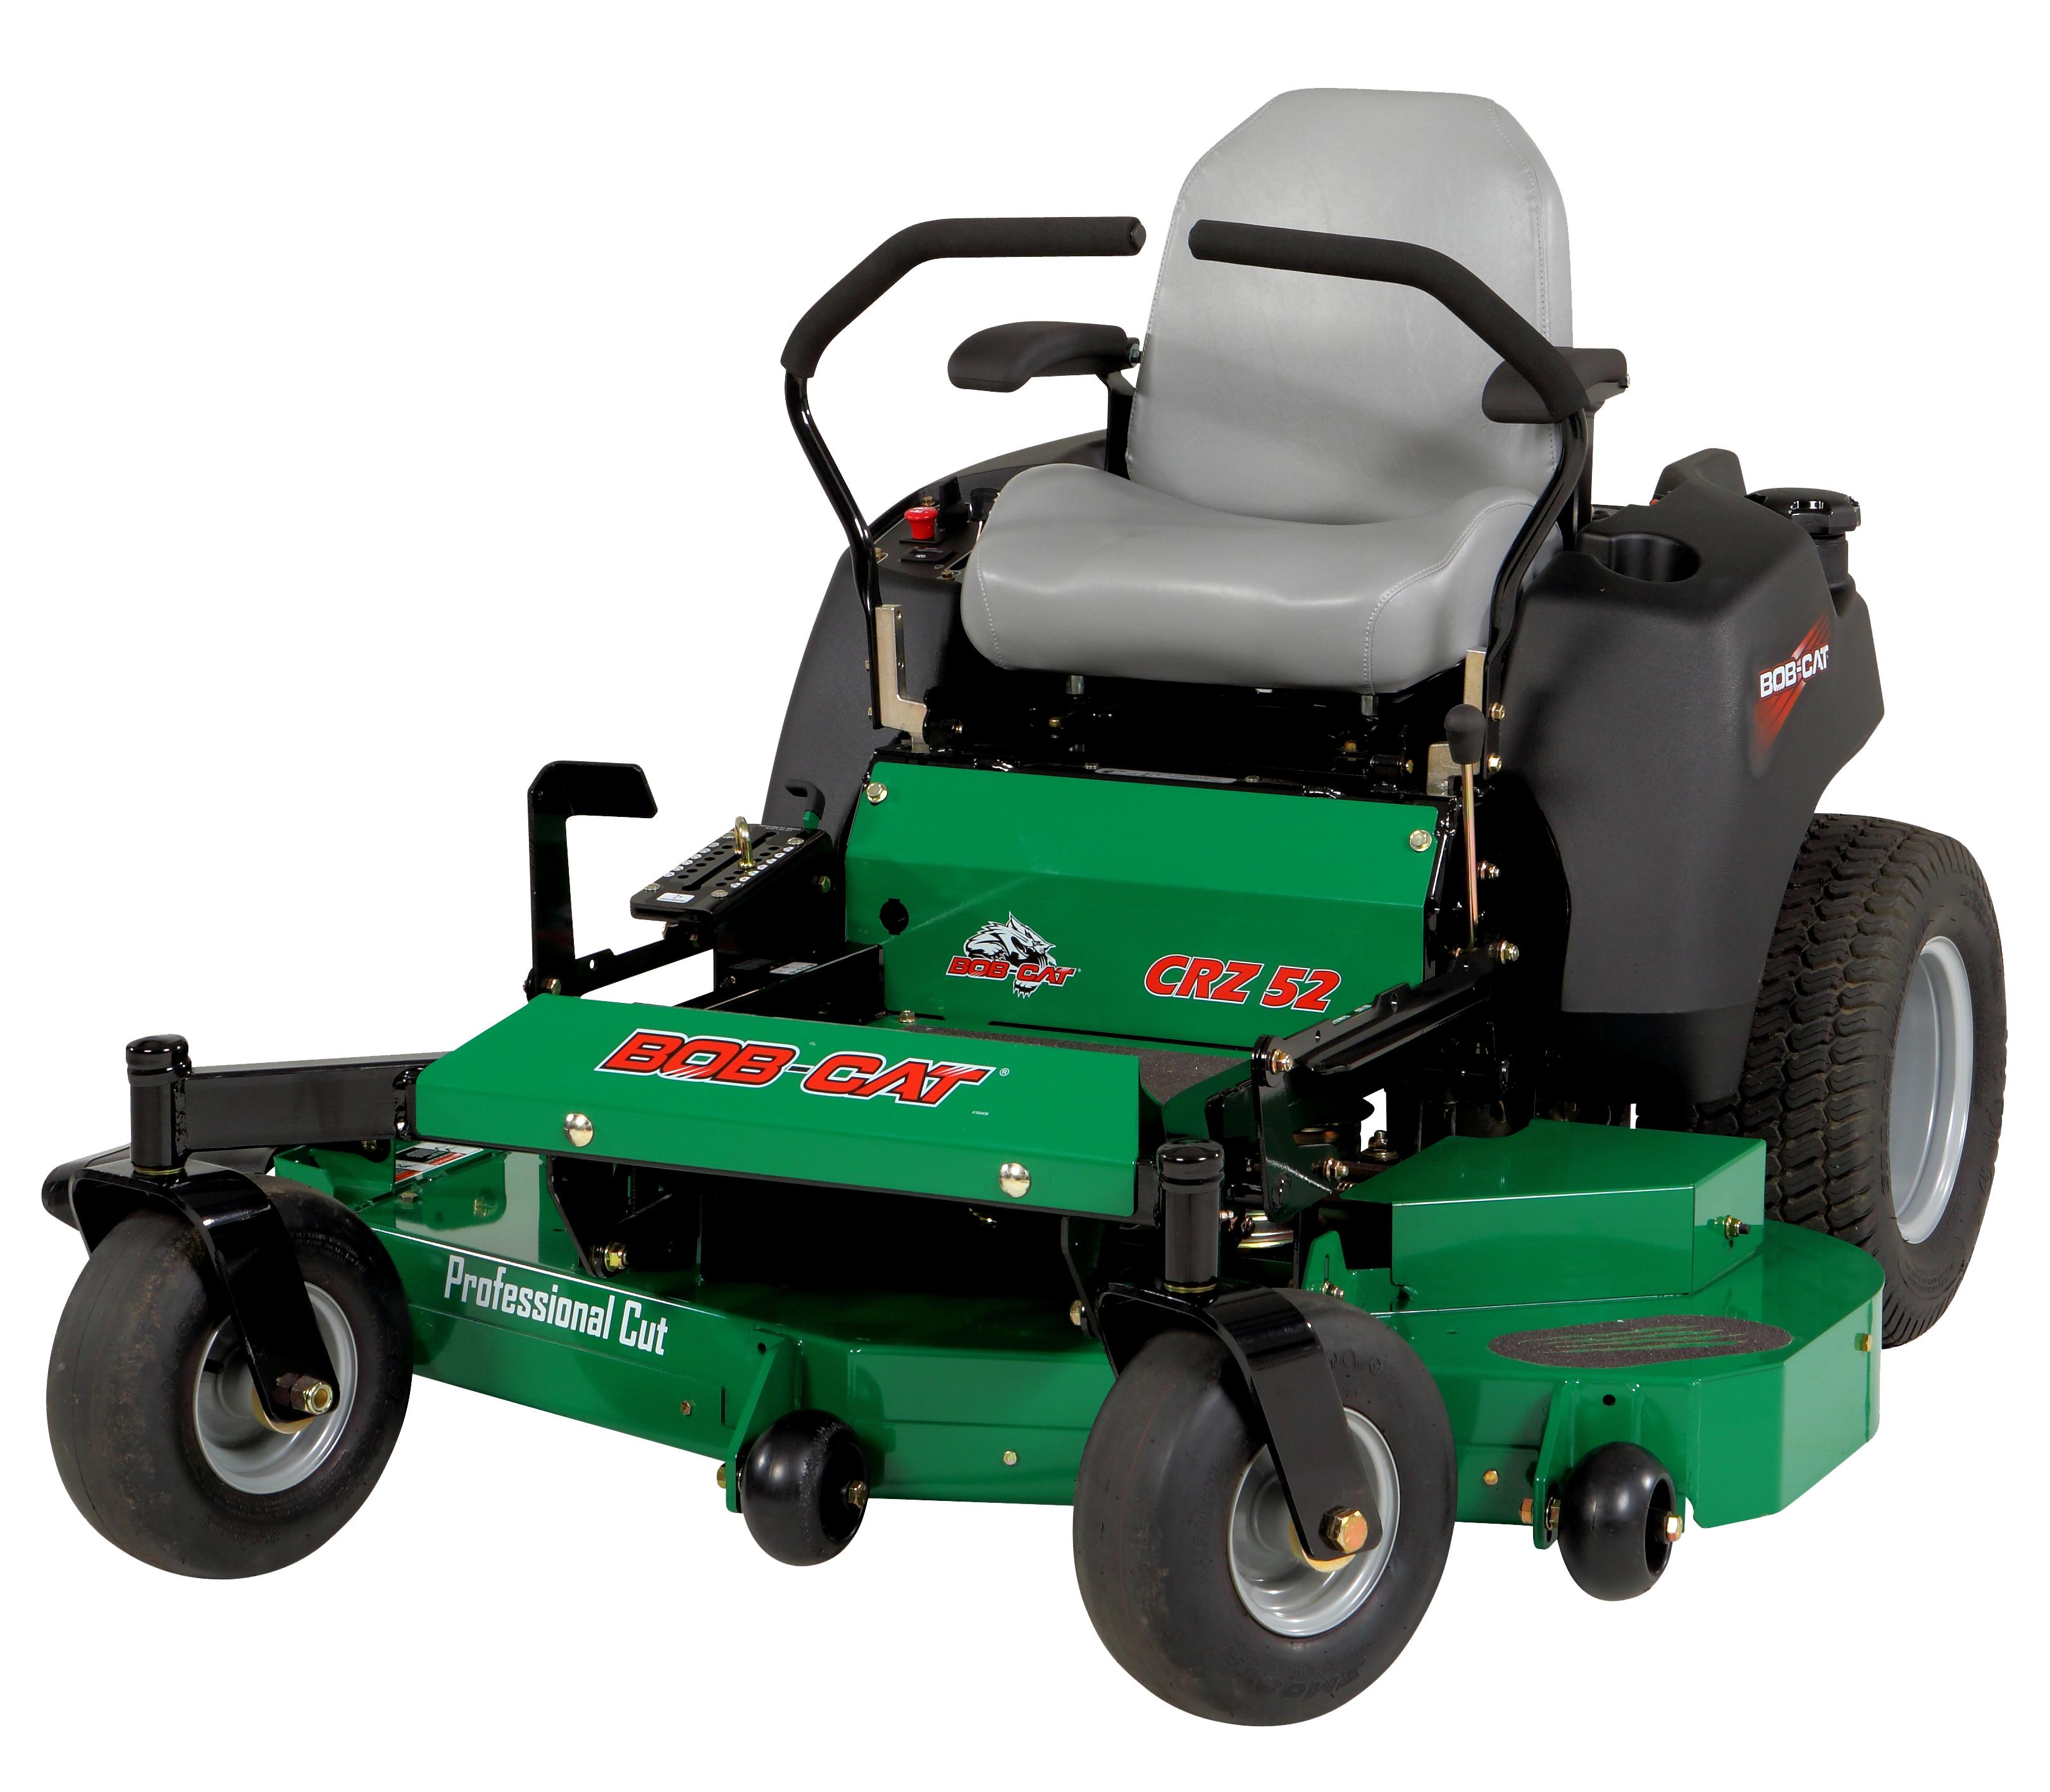 Zero Turn Mowers | Day's Mower Service / Nowra NSW 2541